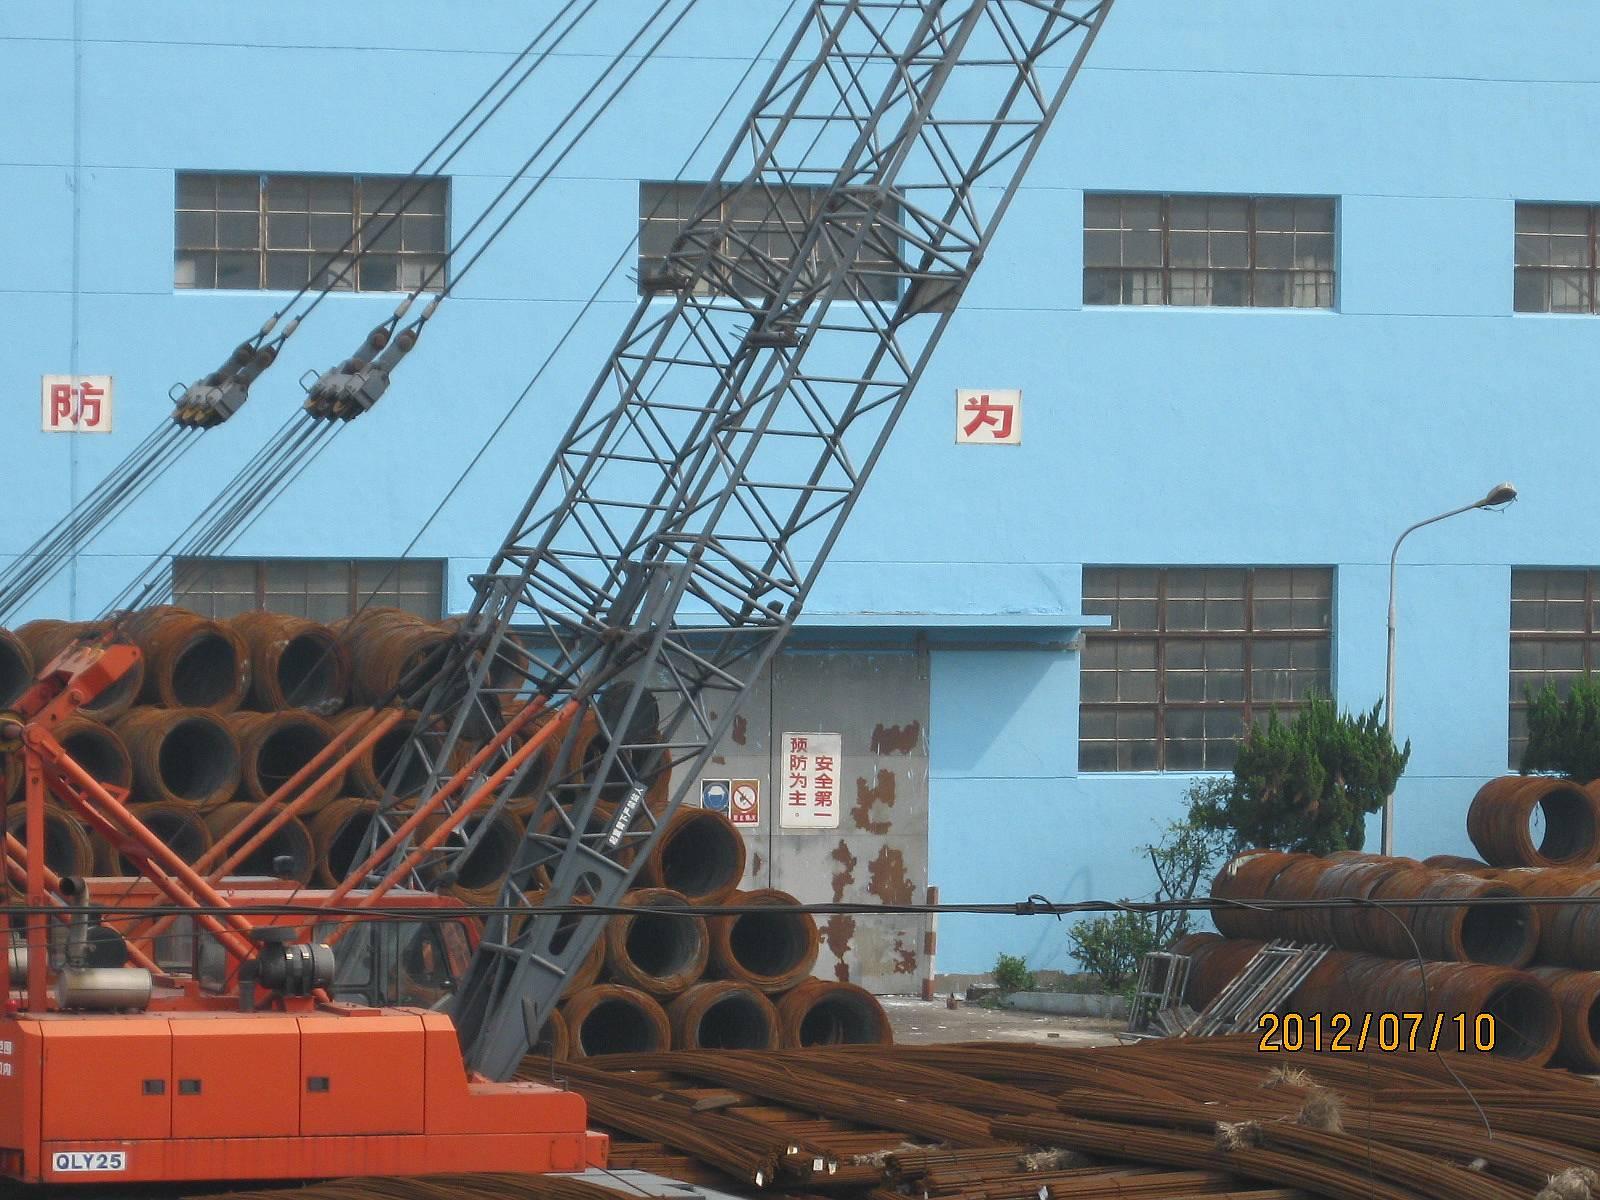 上海地区/A仓库:热卷的量2万吨,本周总量没有变化。